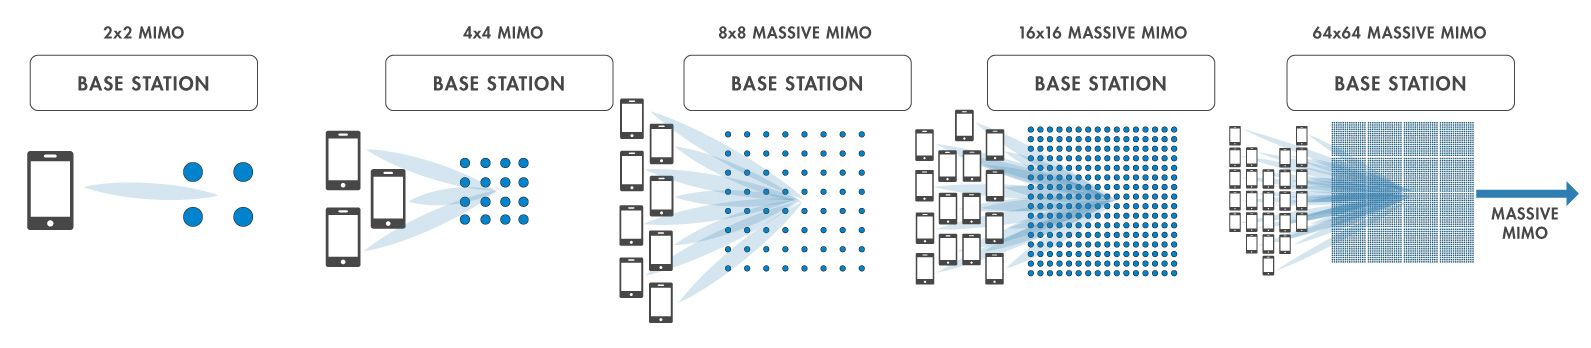 Arten von MIMO-Anlagen.